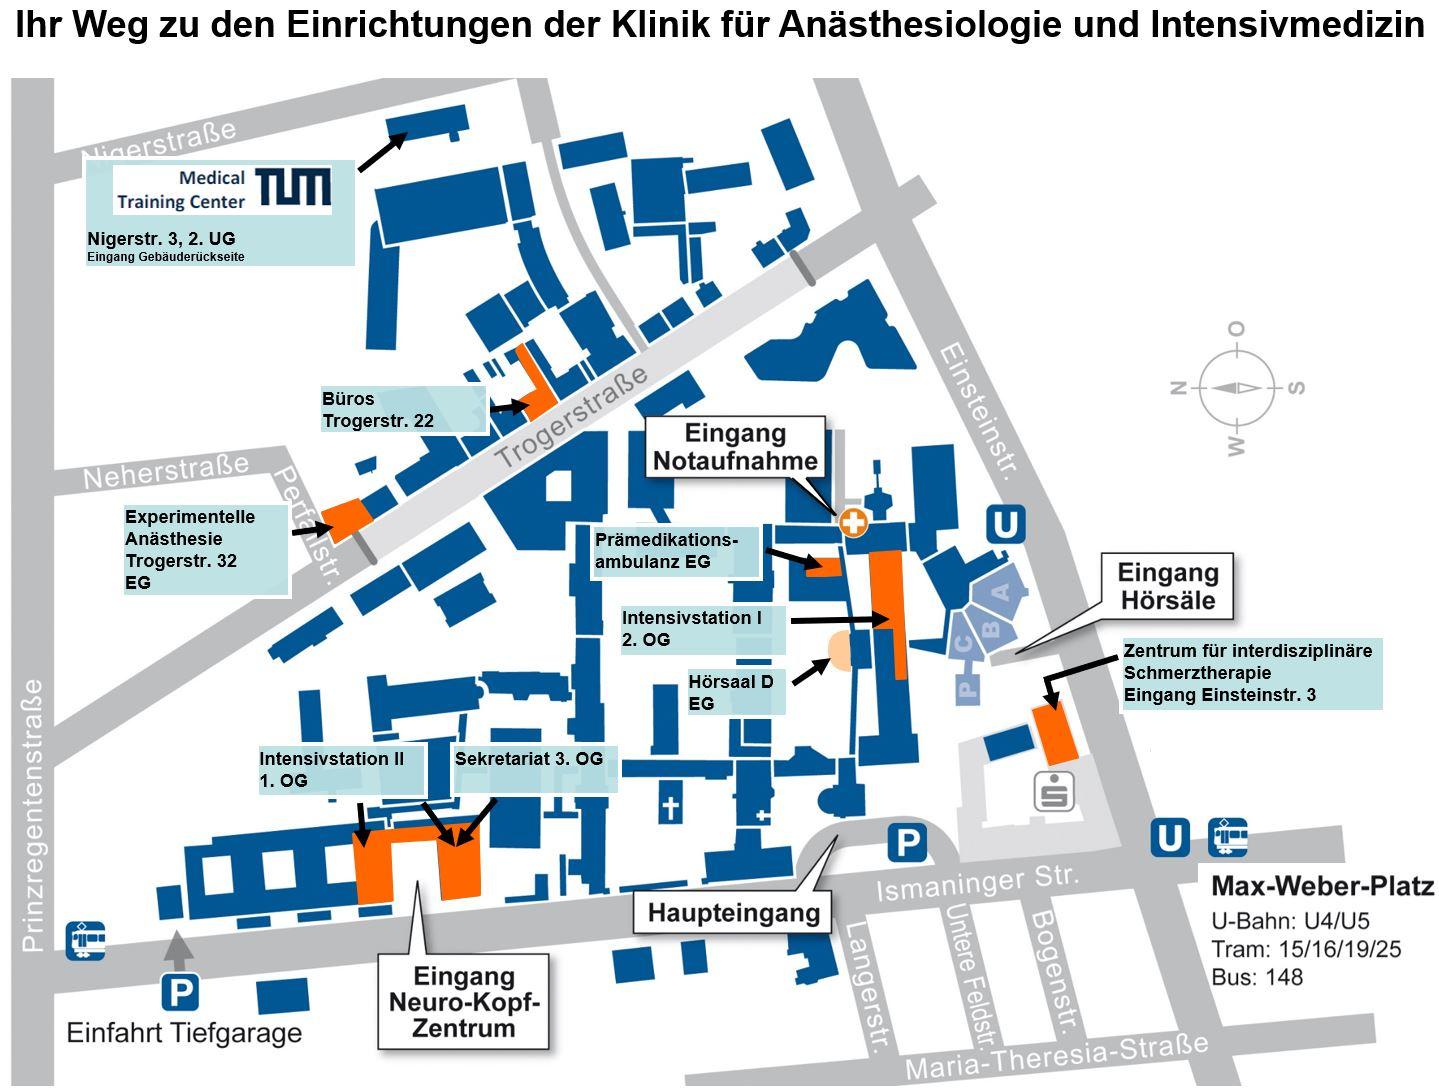 Lageplan Klinik für Anästhesiologie und Intensivmedizin